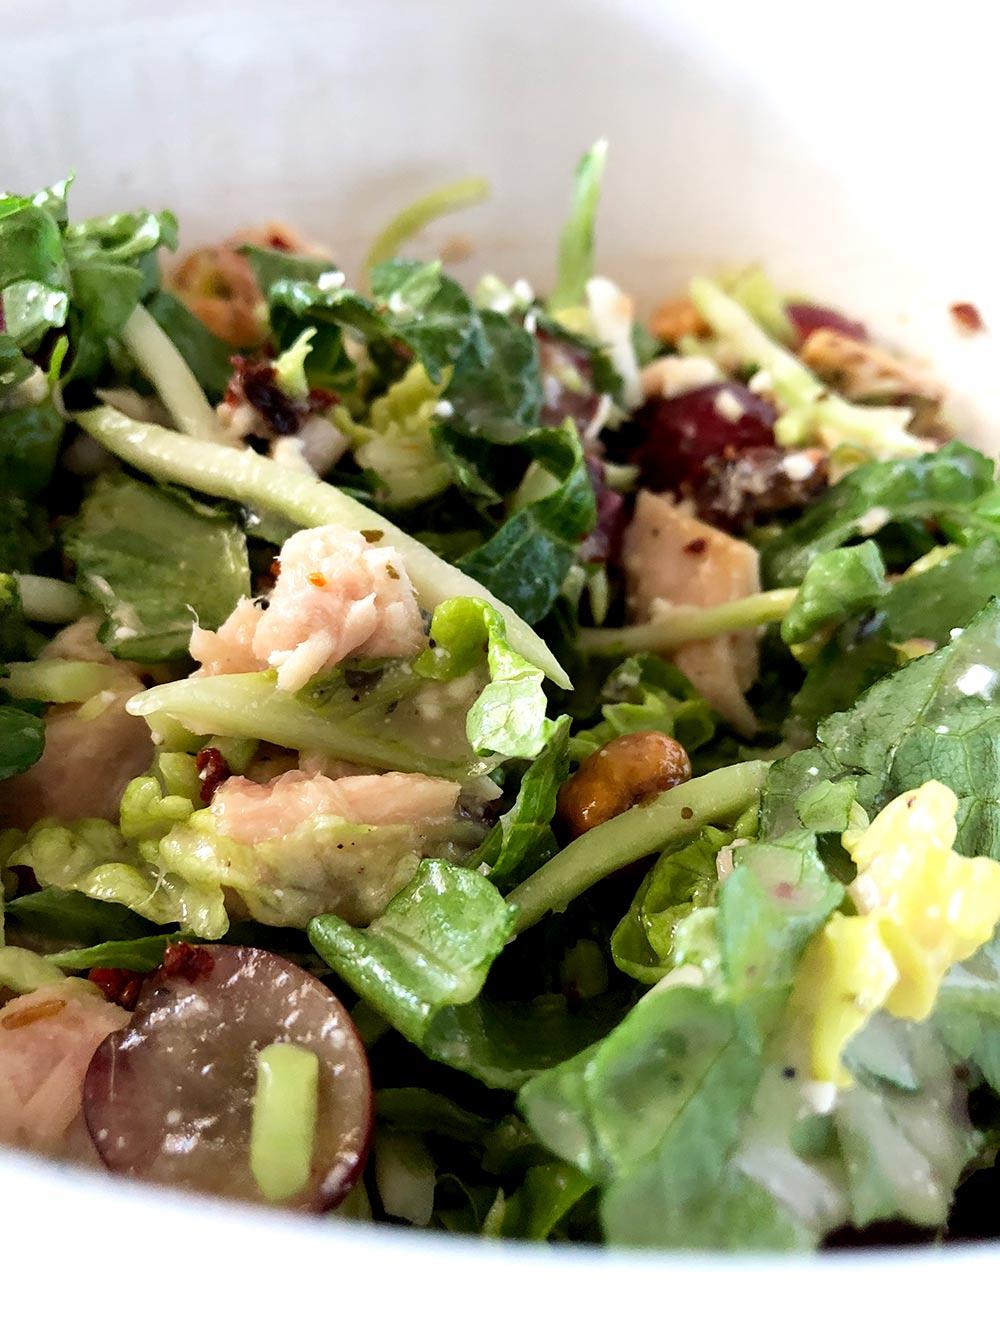 trader joes hacks waldorf tuna salad